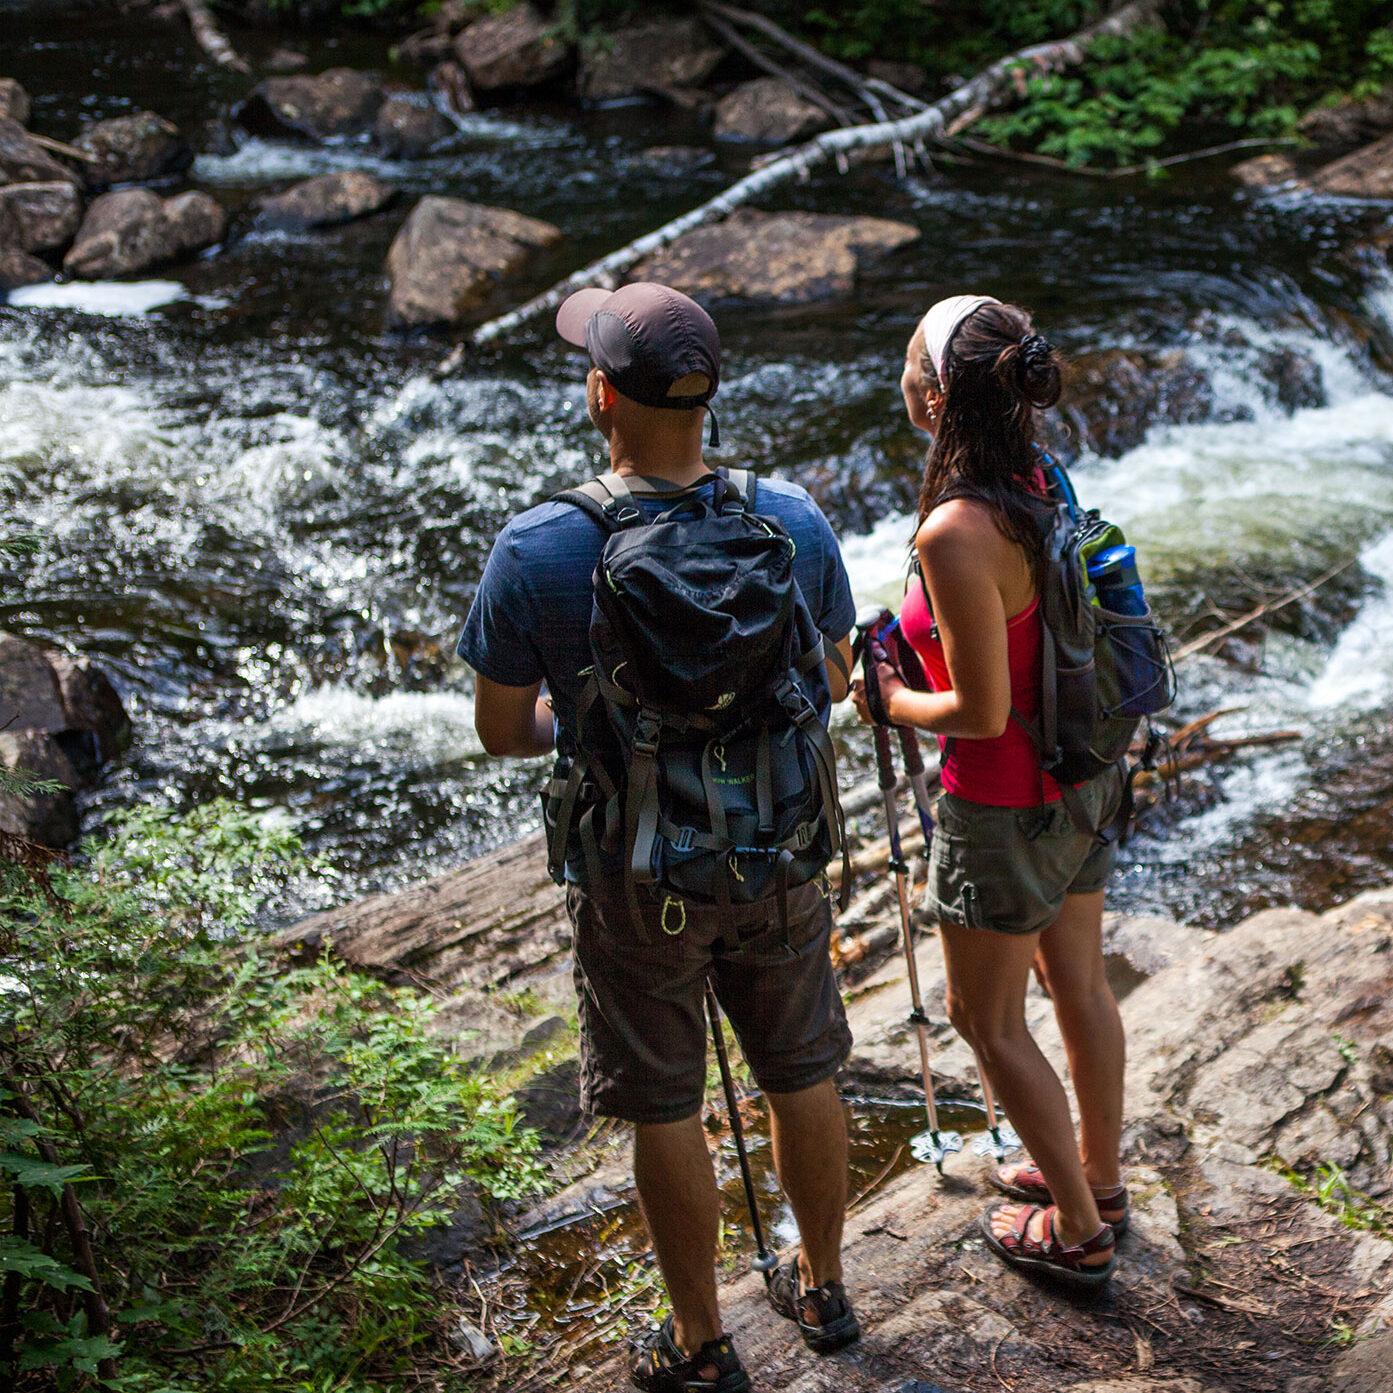 Randonnée pedestre et descente de rivière autonome